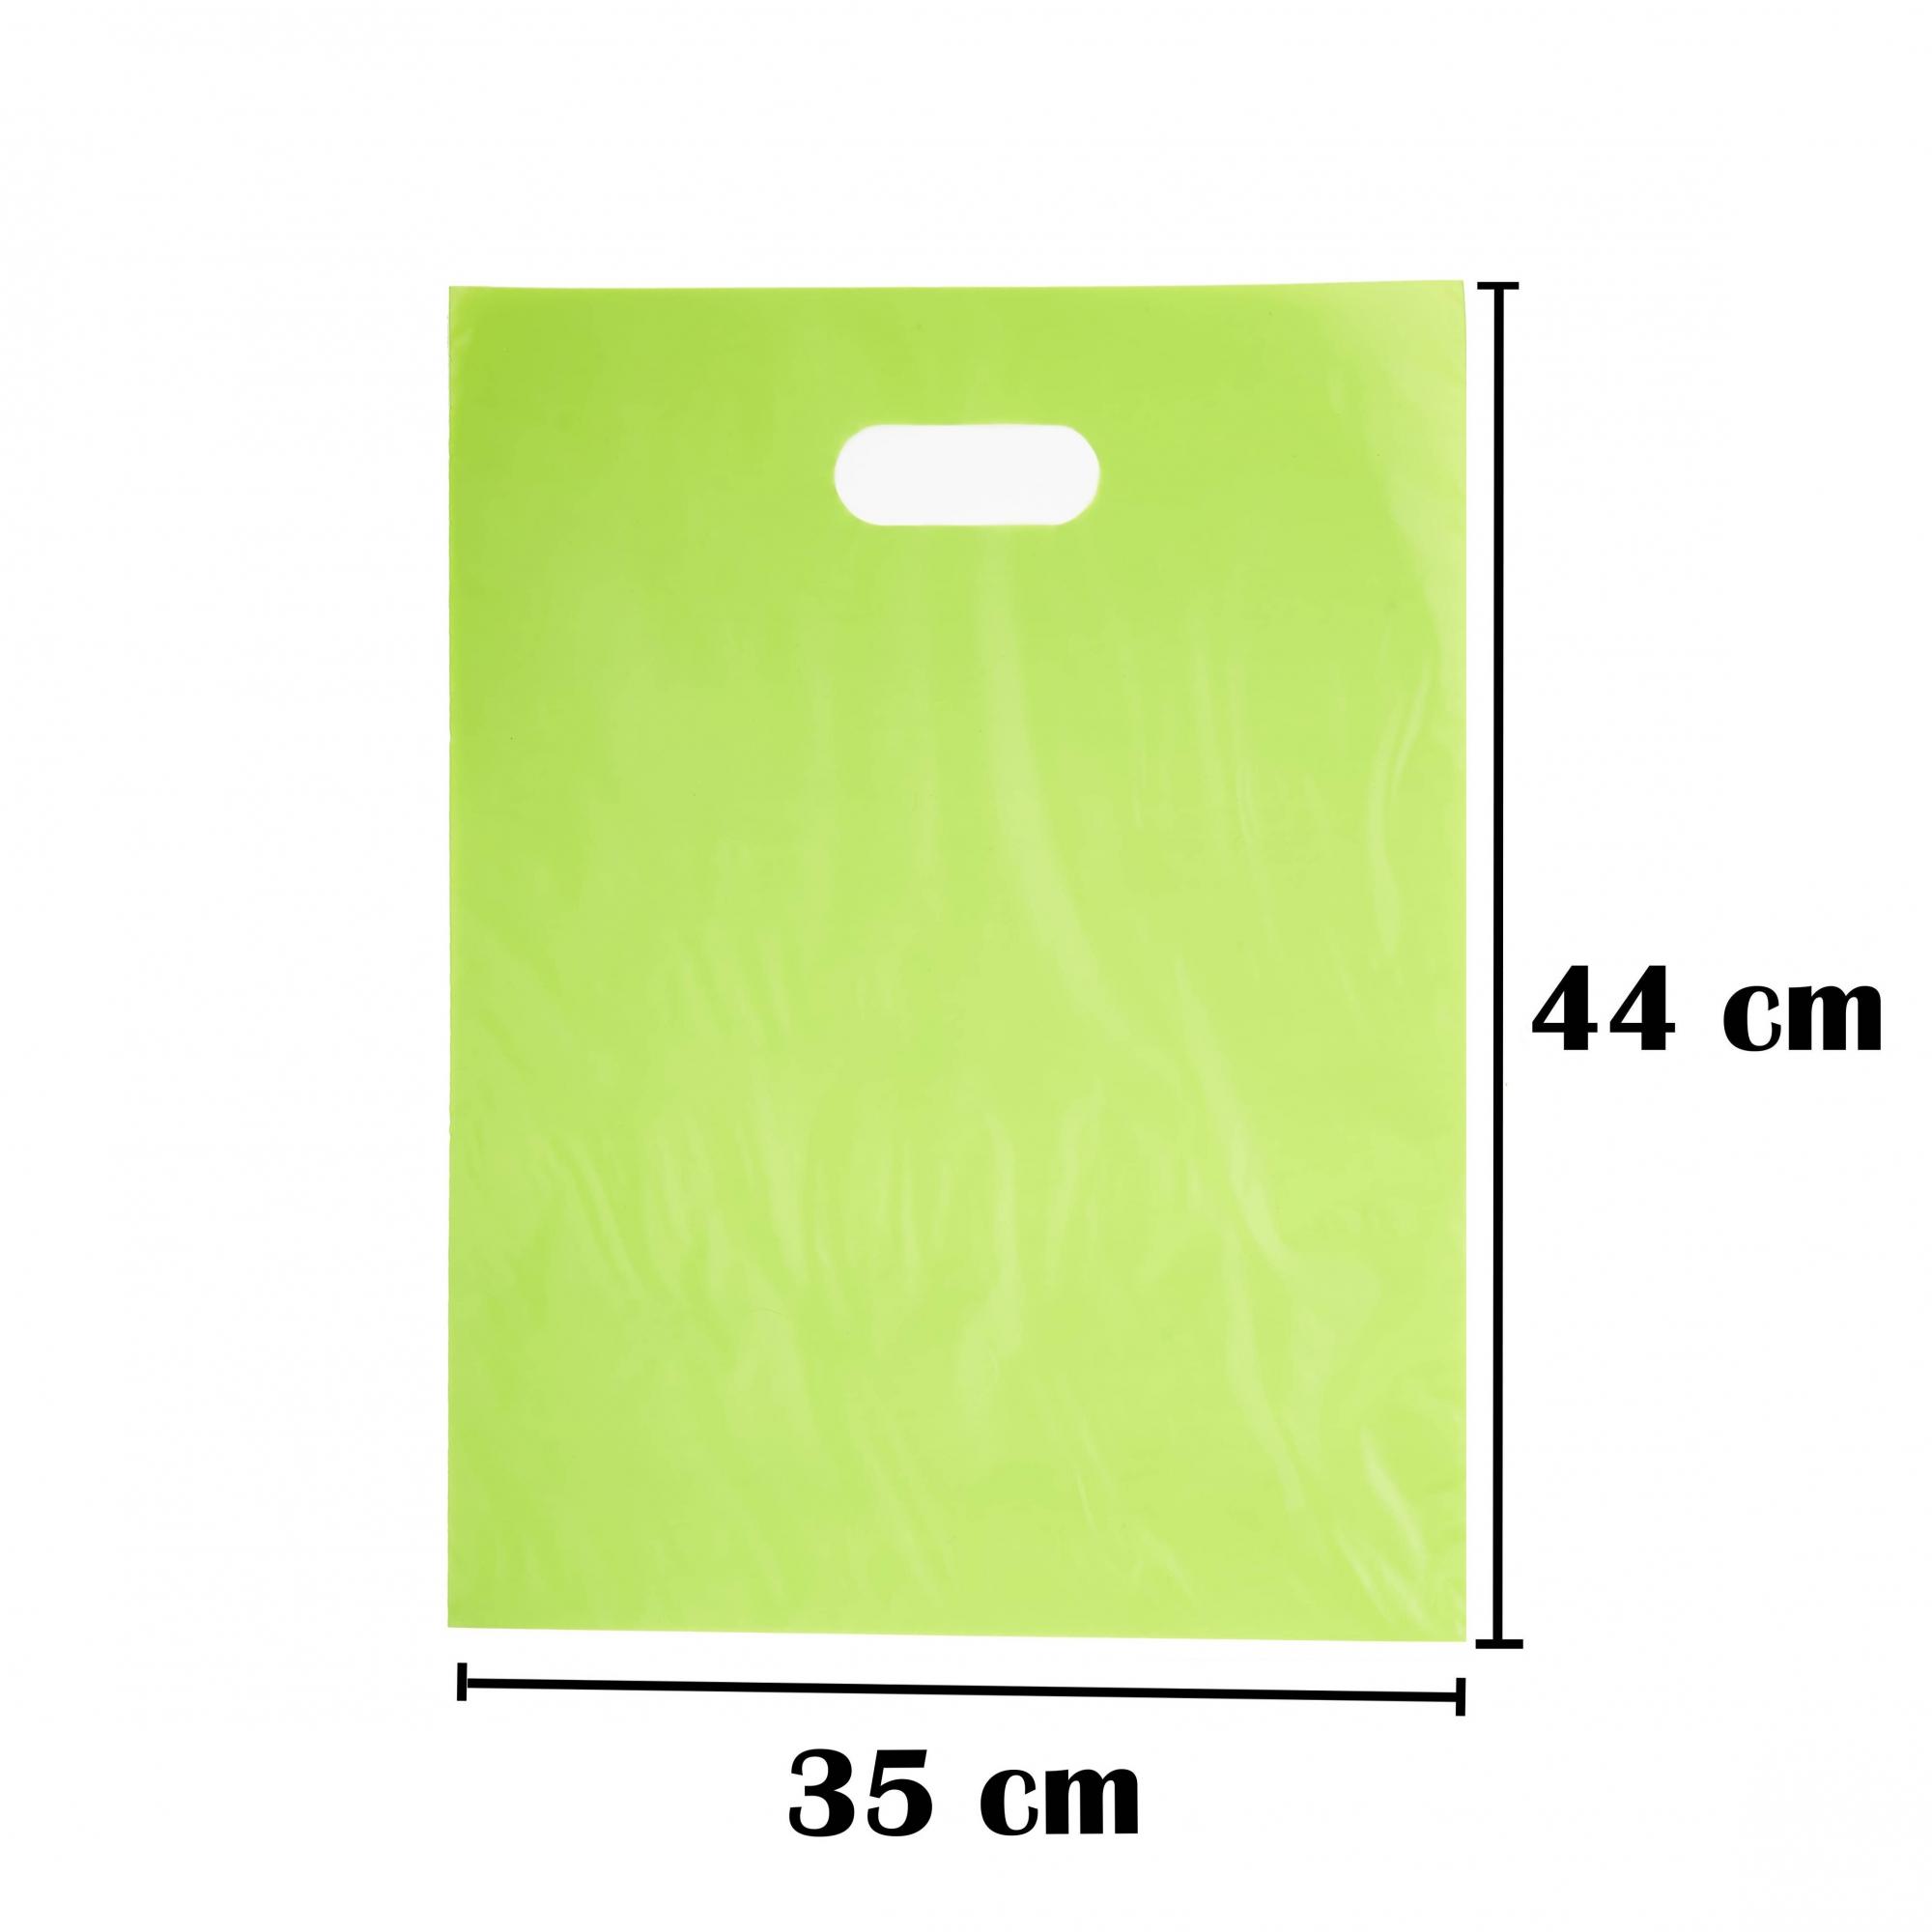 Sacola Plástica 35x44 Verde Alça Boca de Palhaço 500 Unidades